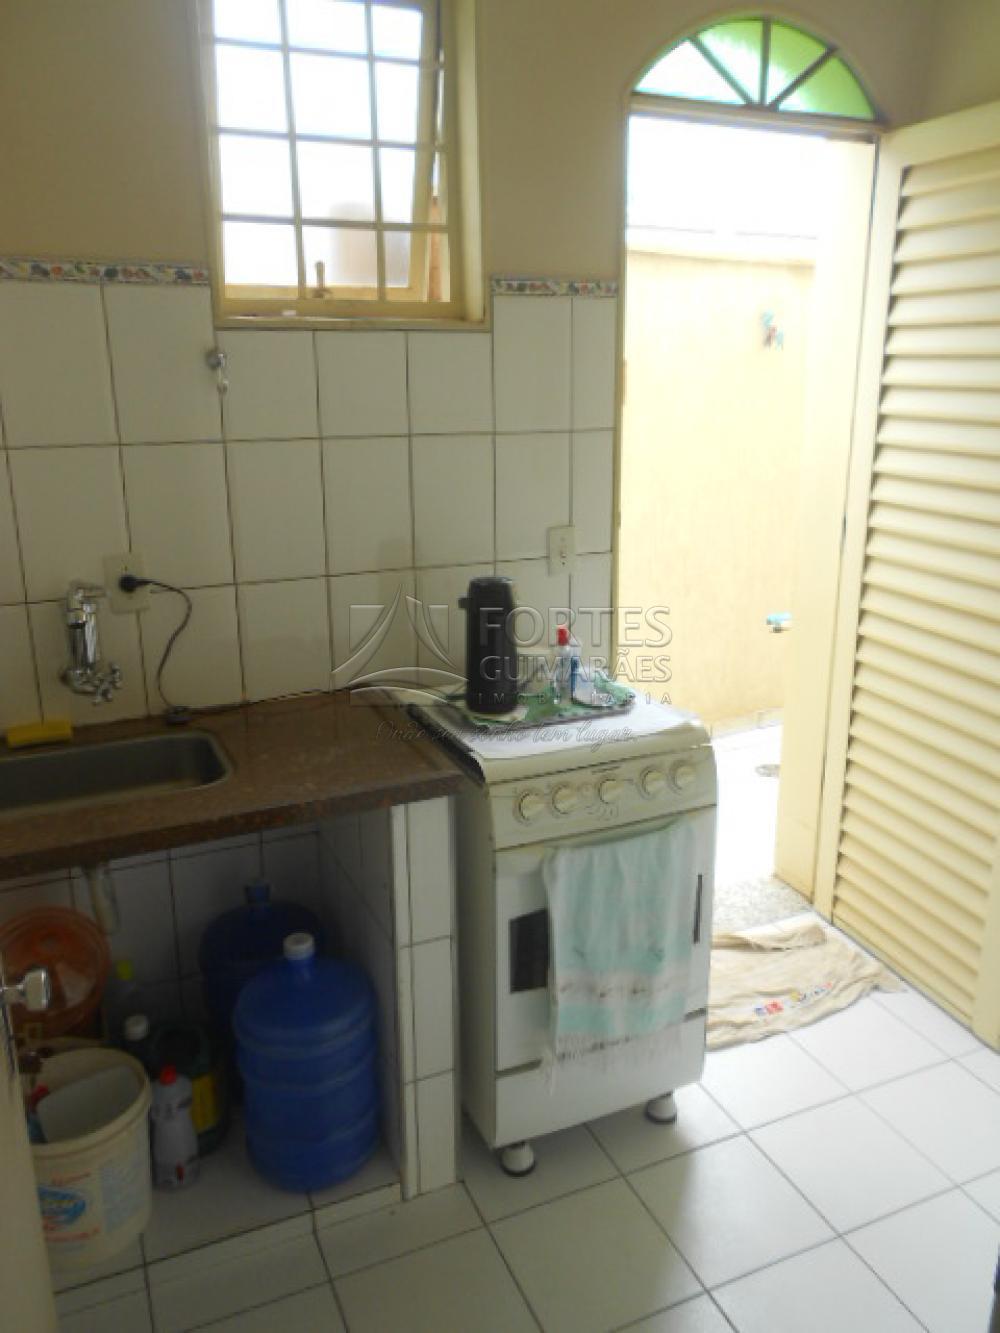 Alugar Comercial / Imóvel Comercial em Ribeirão Preto apenas R$ 3.000,00 - Foto 50